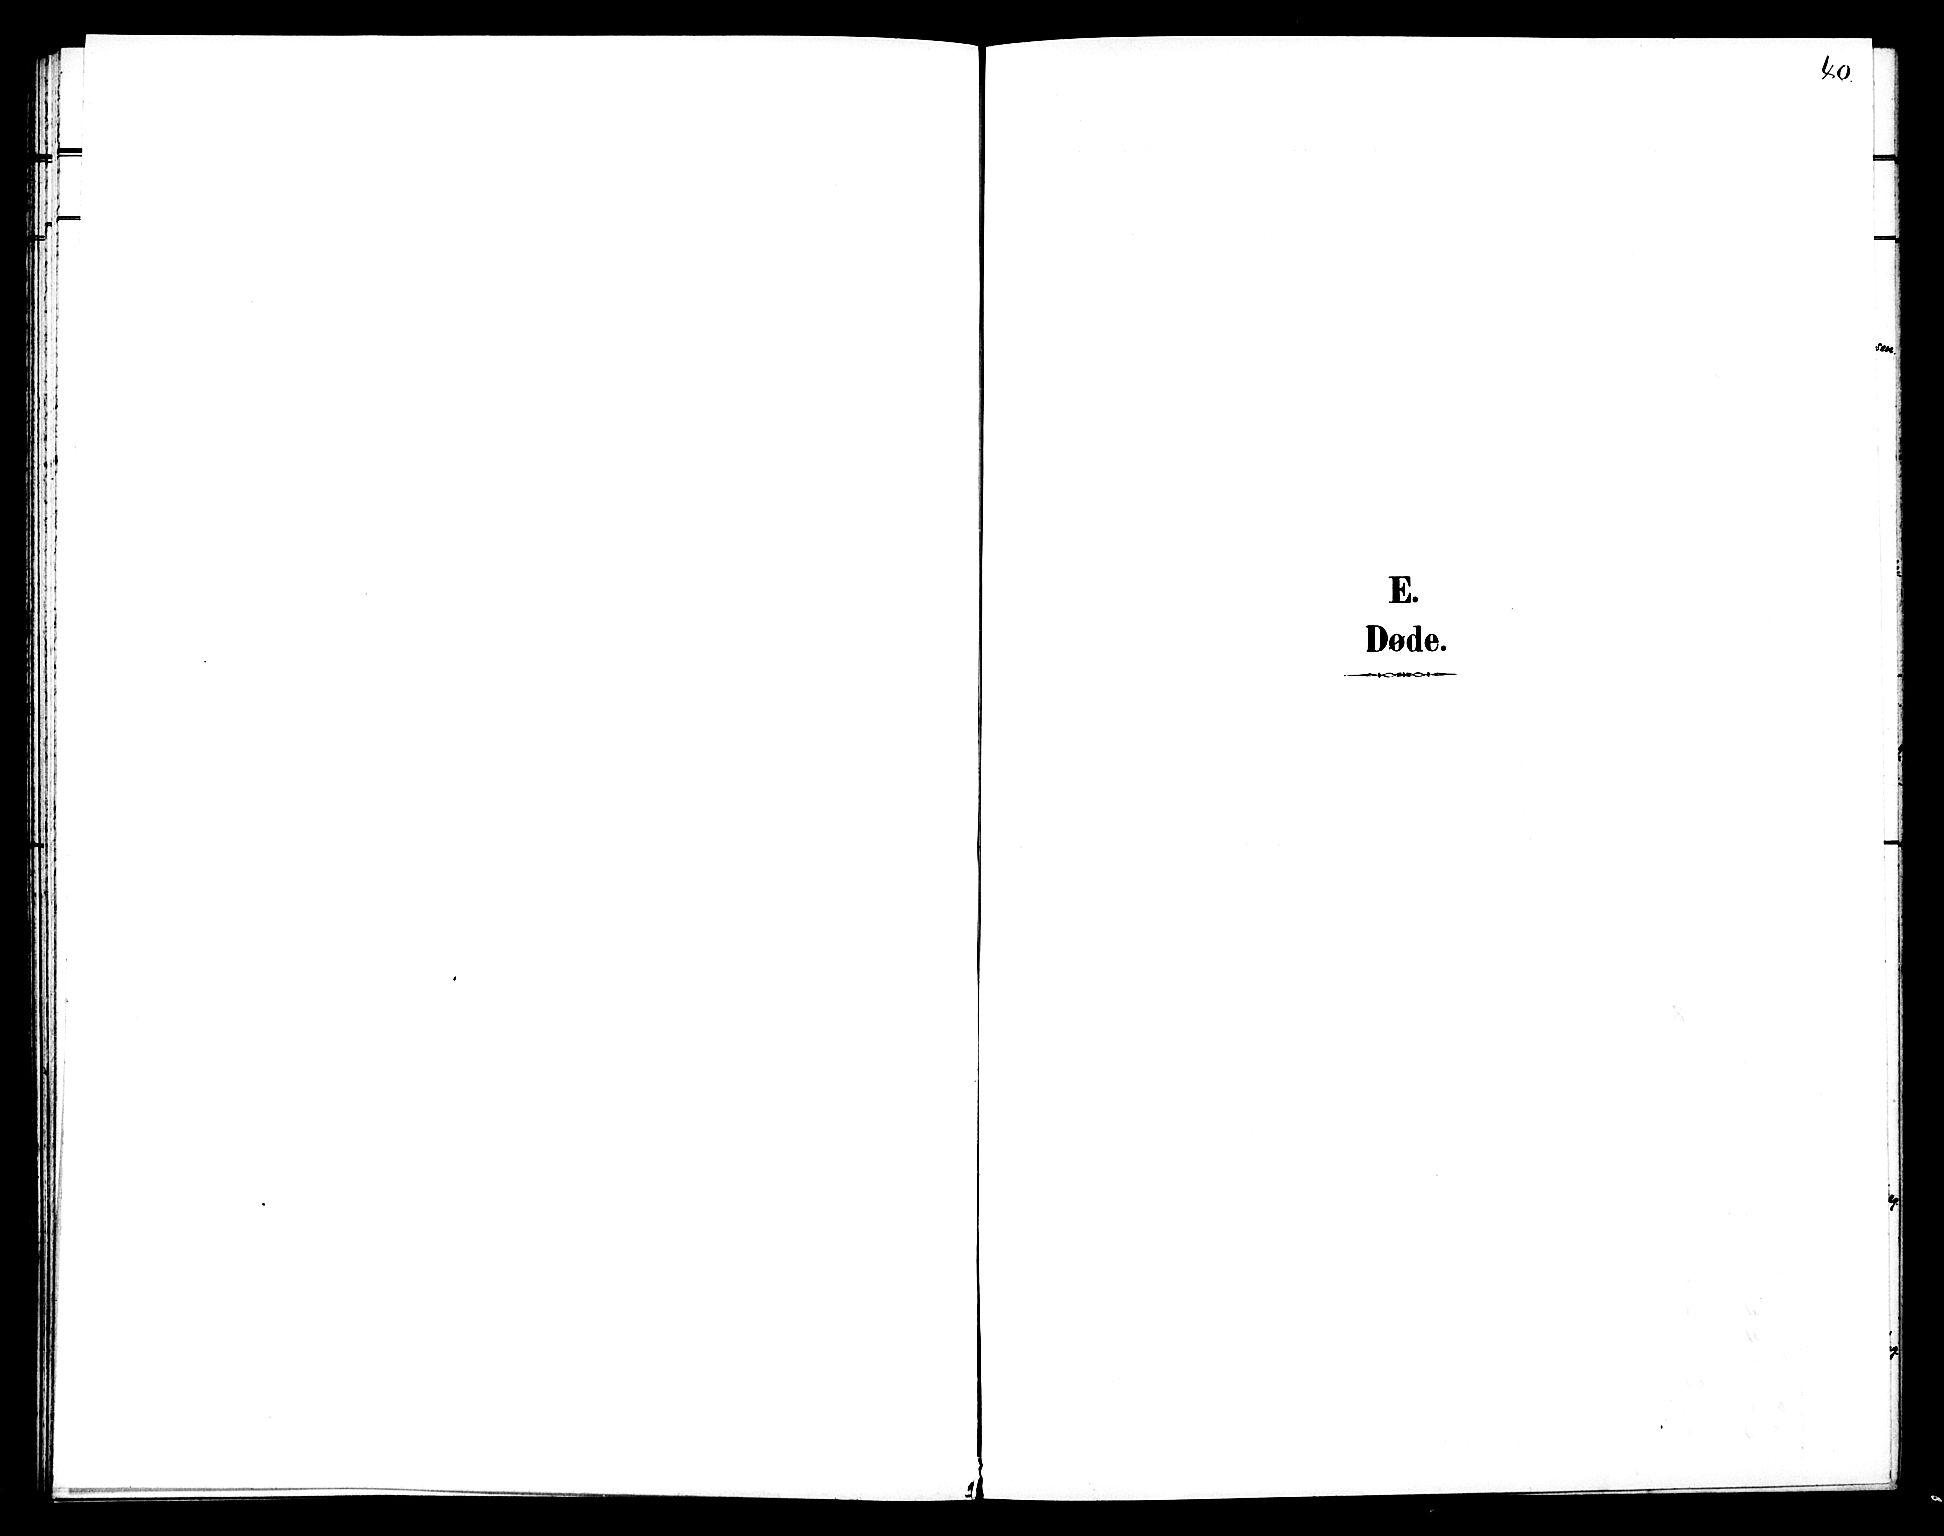 SAT, Ministerialprotokoller, klokkerbøker og fødselsregistre - Sør-Trøndelag, 602/L0144: Klokkerbok nr. 602C12, 1897-1905, s. 40